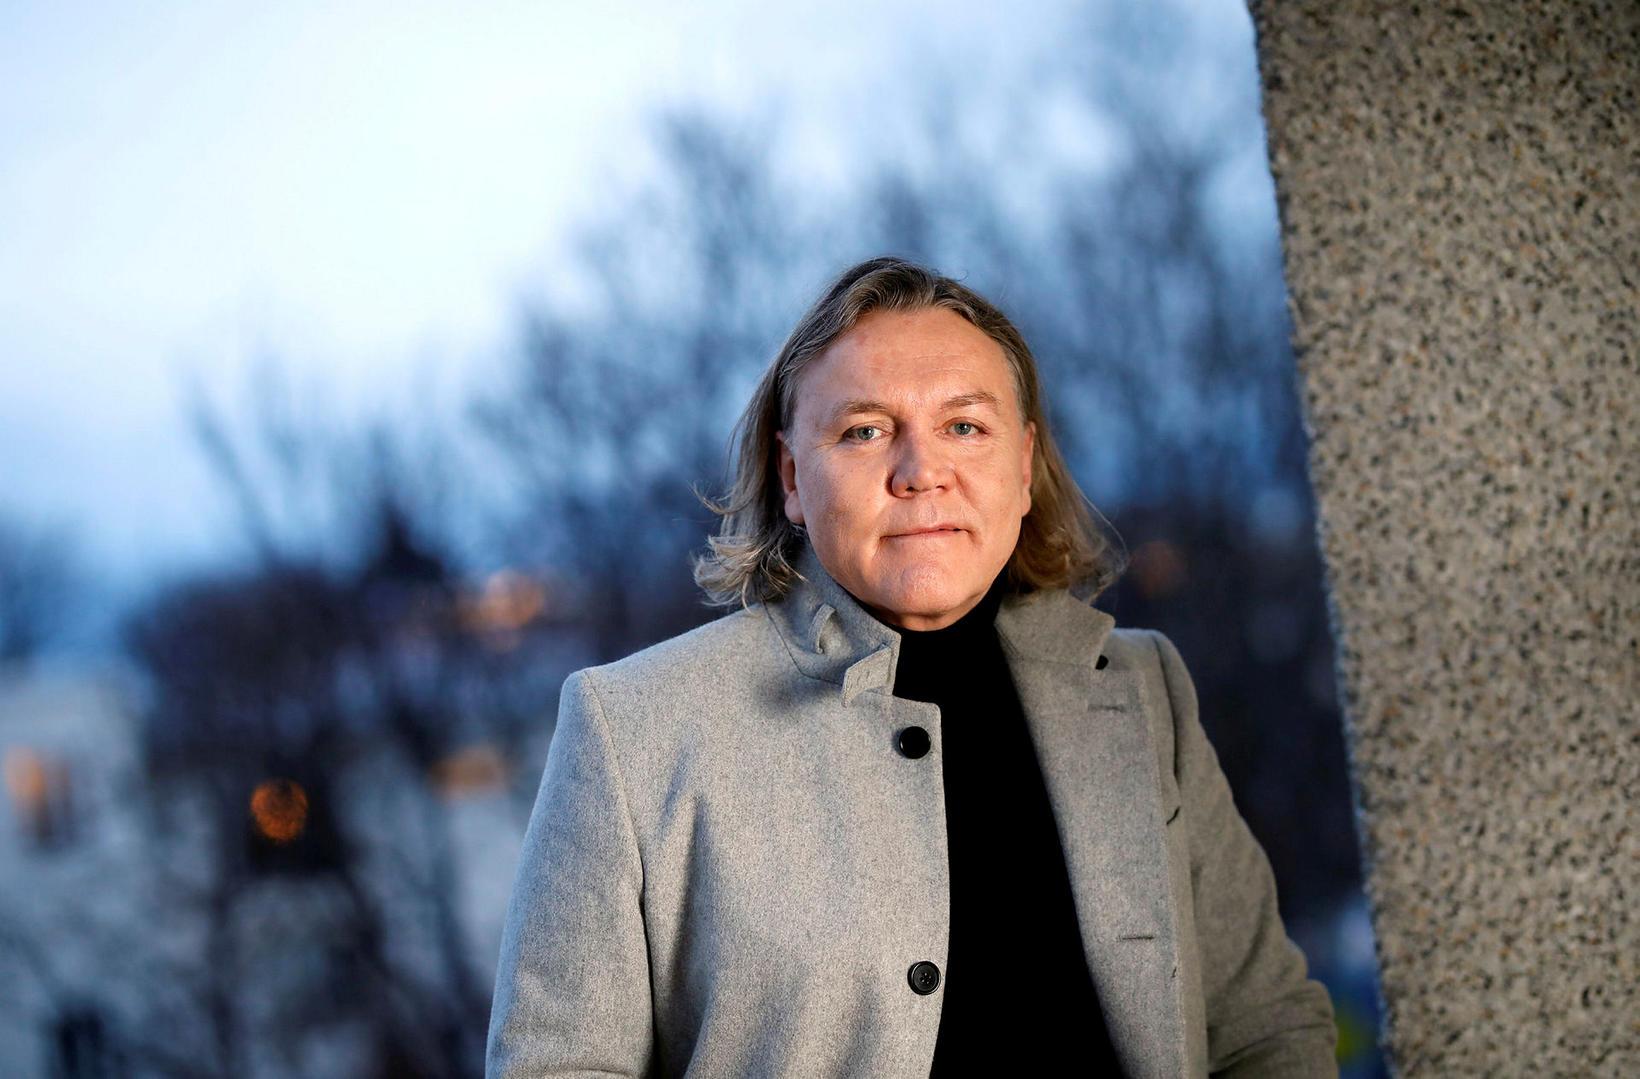 Einar Þór missti marga góða vini og félaga úr alnæmi.